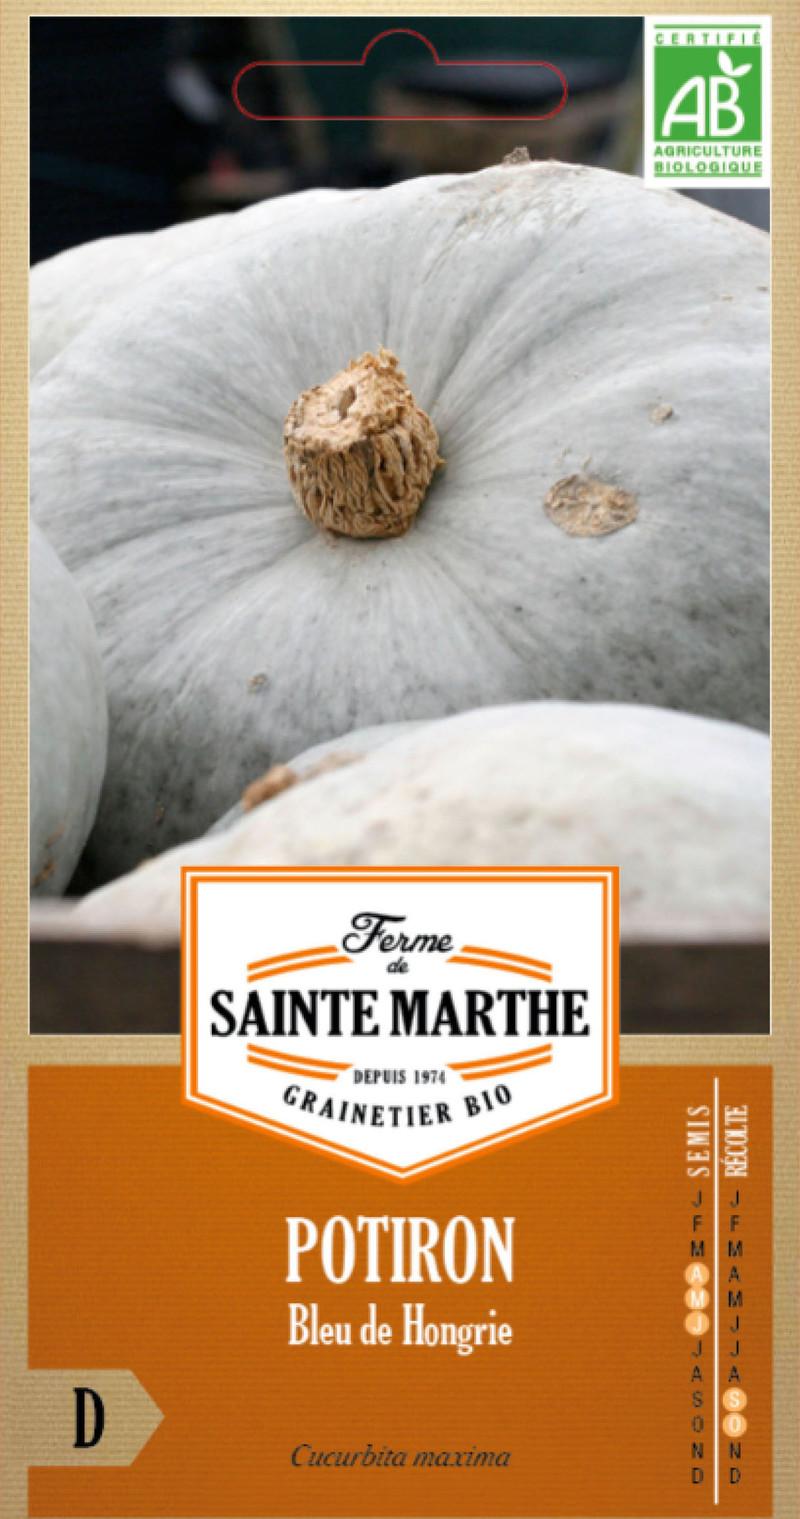 potiron bleu de hongrie bio ferme de sainte marthe graine semence potager sachet semis - Voir en grand